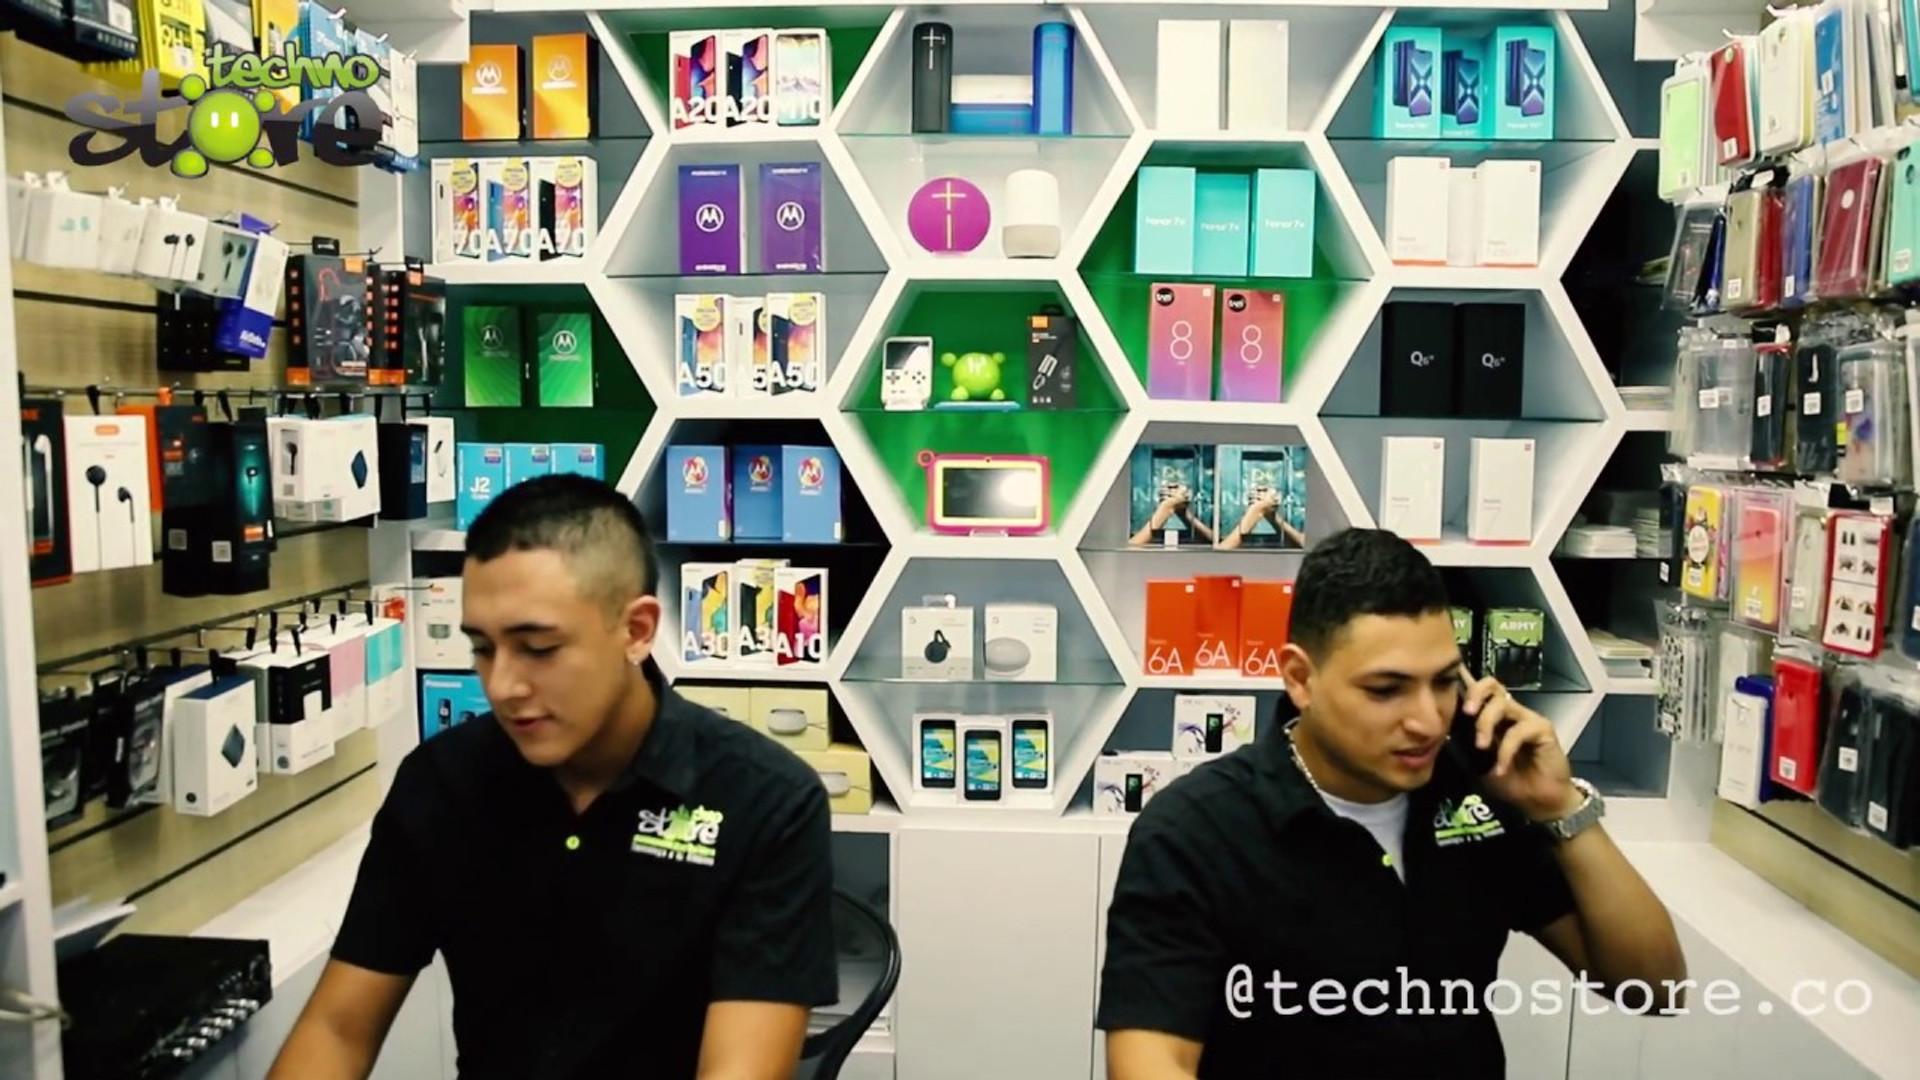 Techo Store